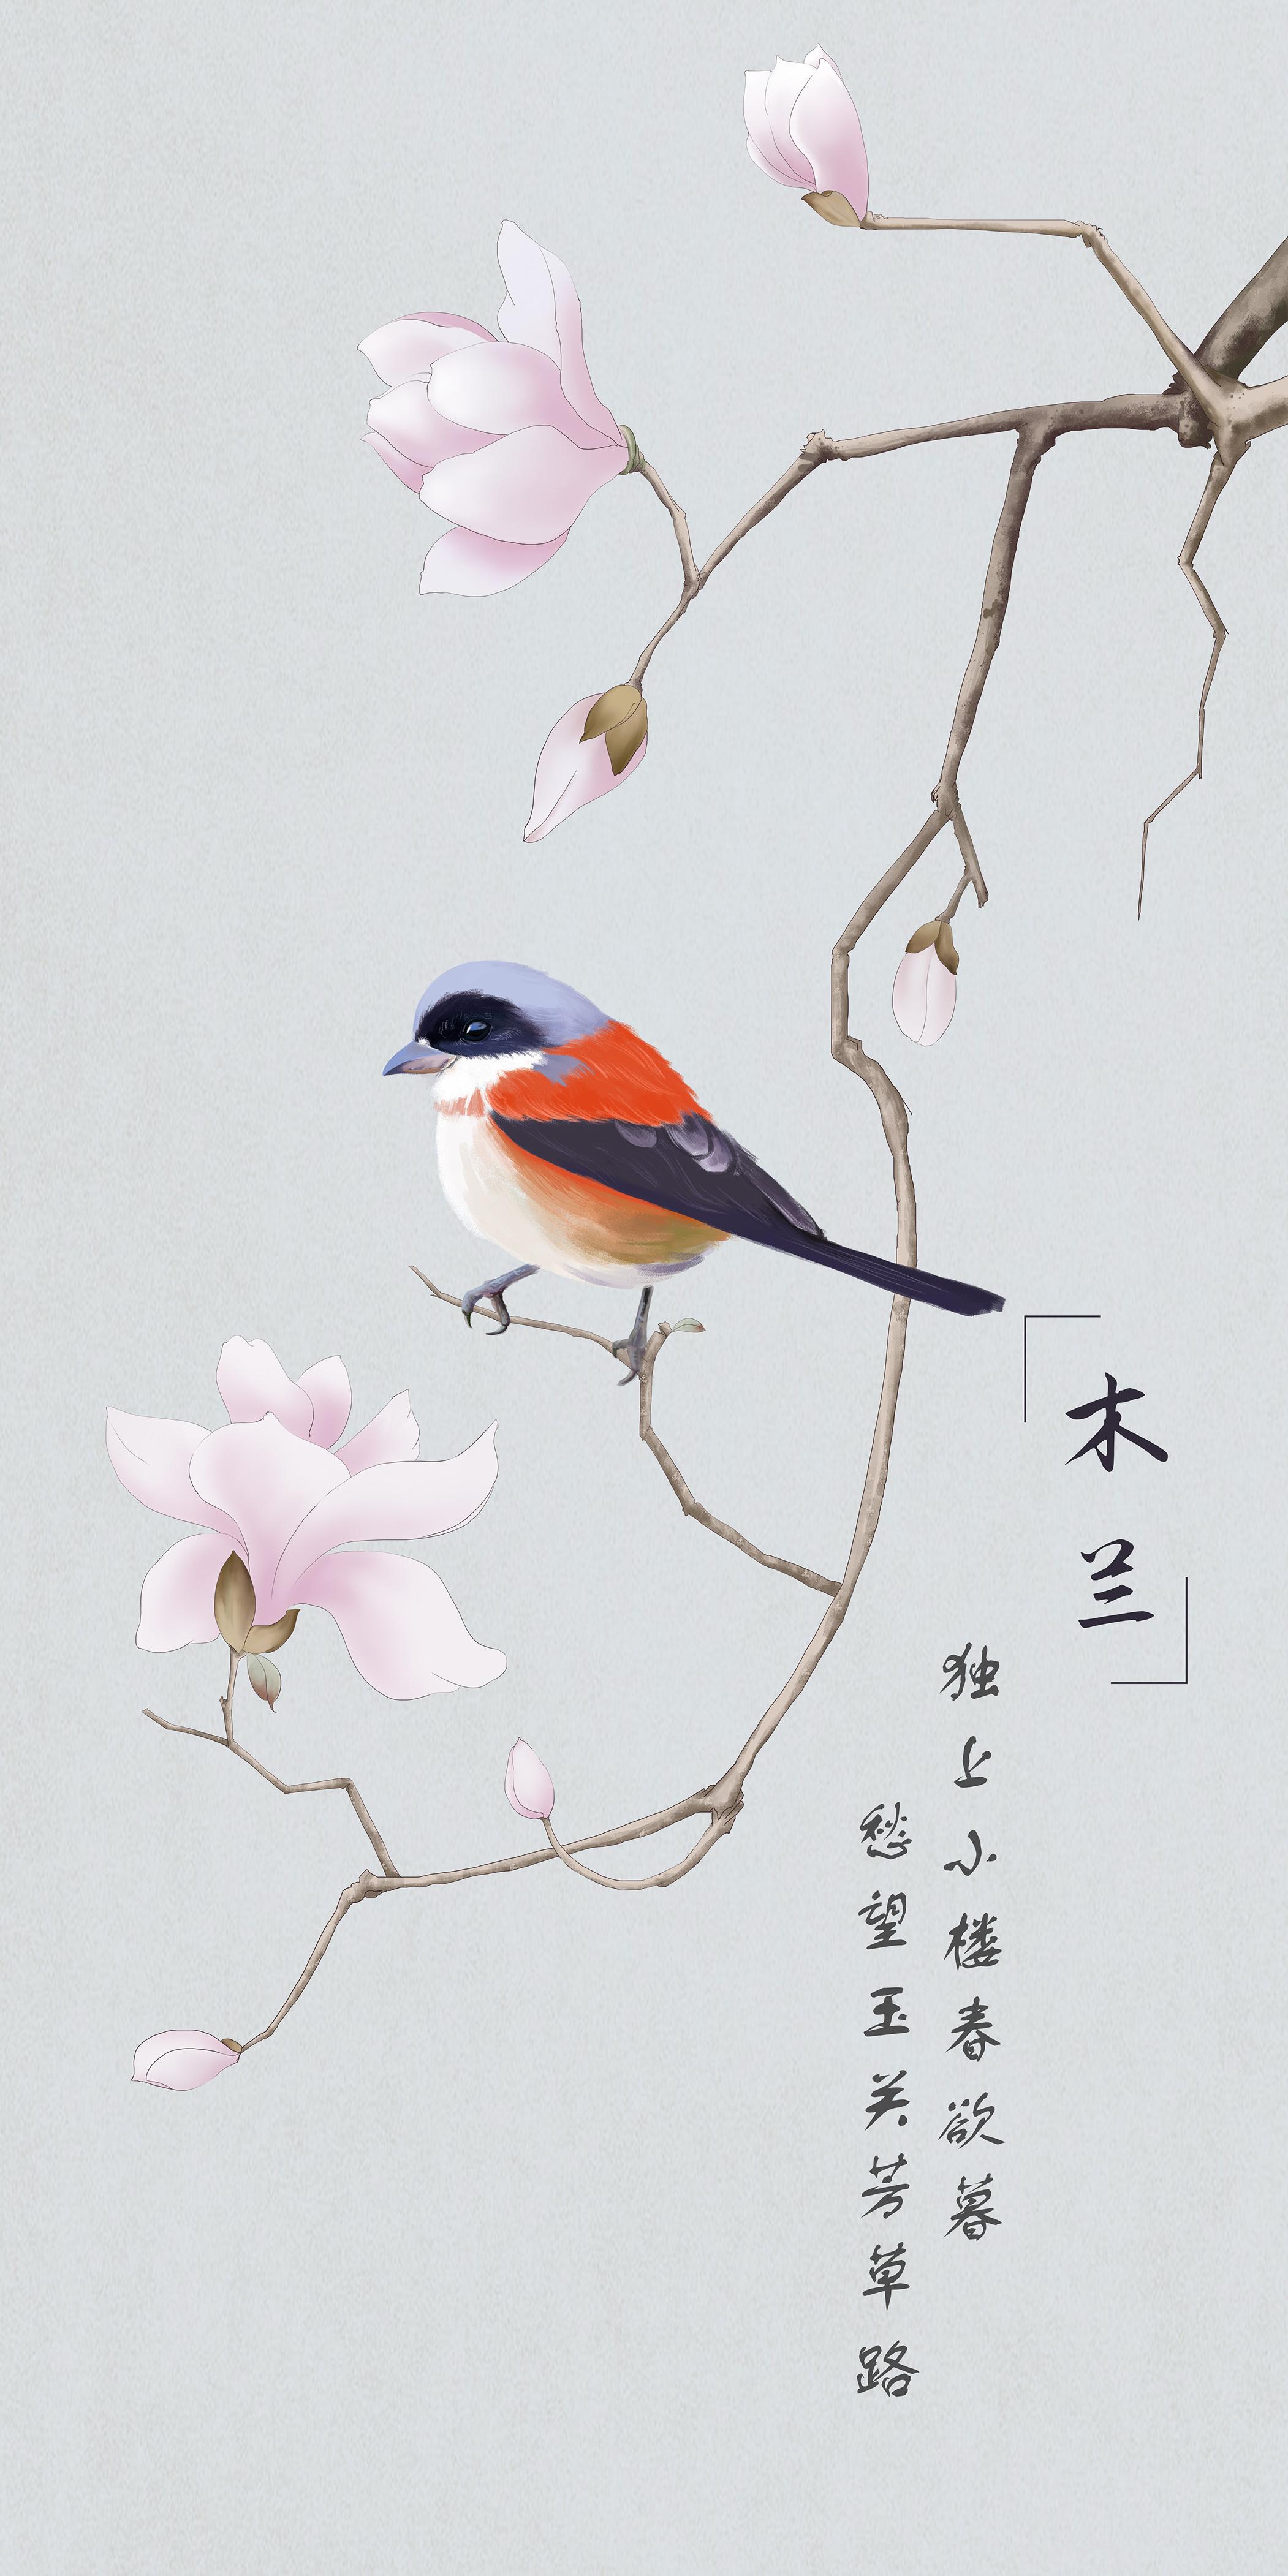 标签:手绘板绘插画木兰花鸟 作品信息